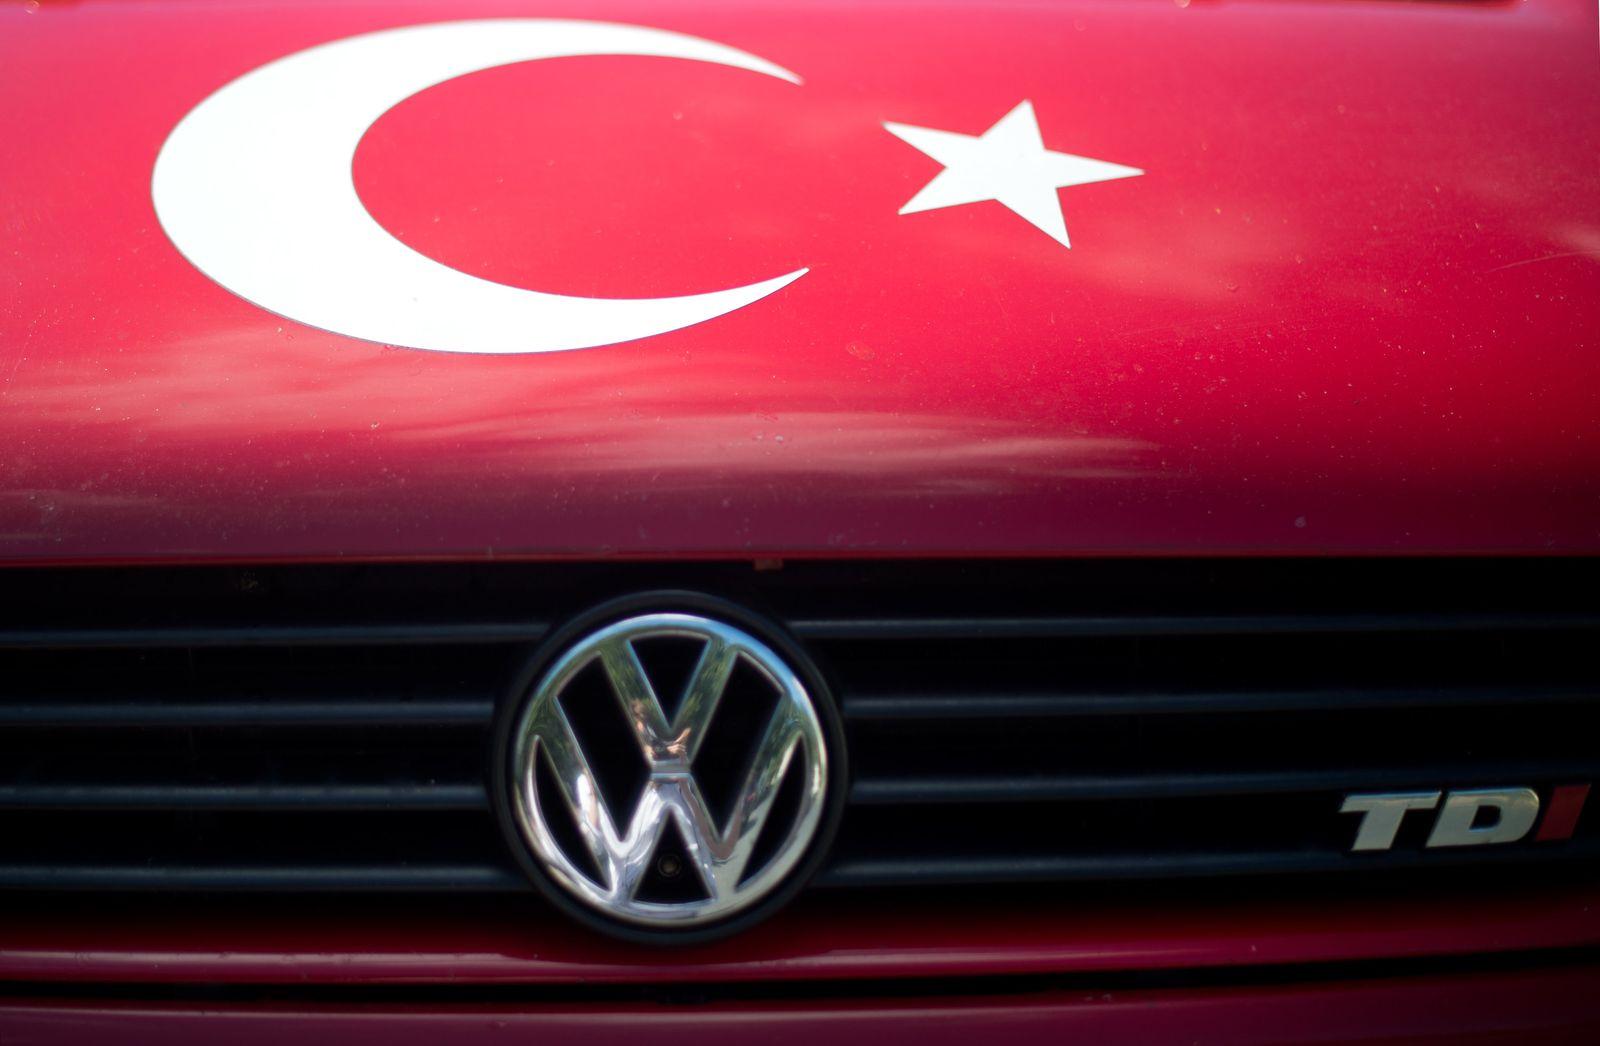 VW stoppt Pläne für neues Werk in der Türkei